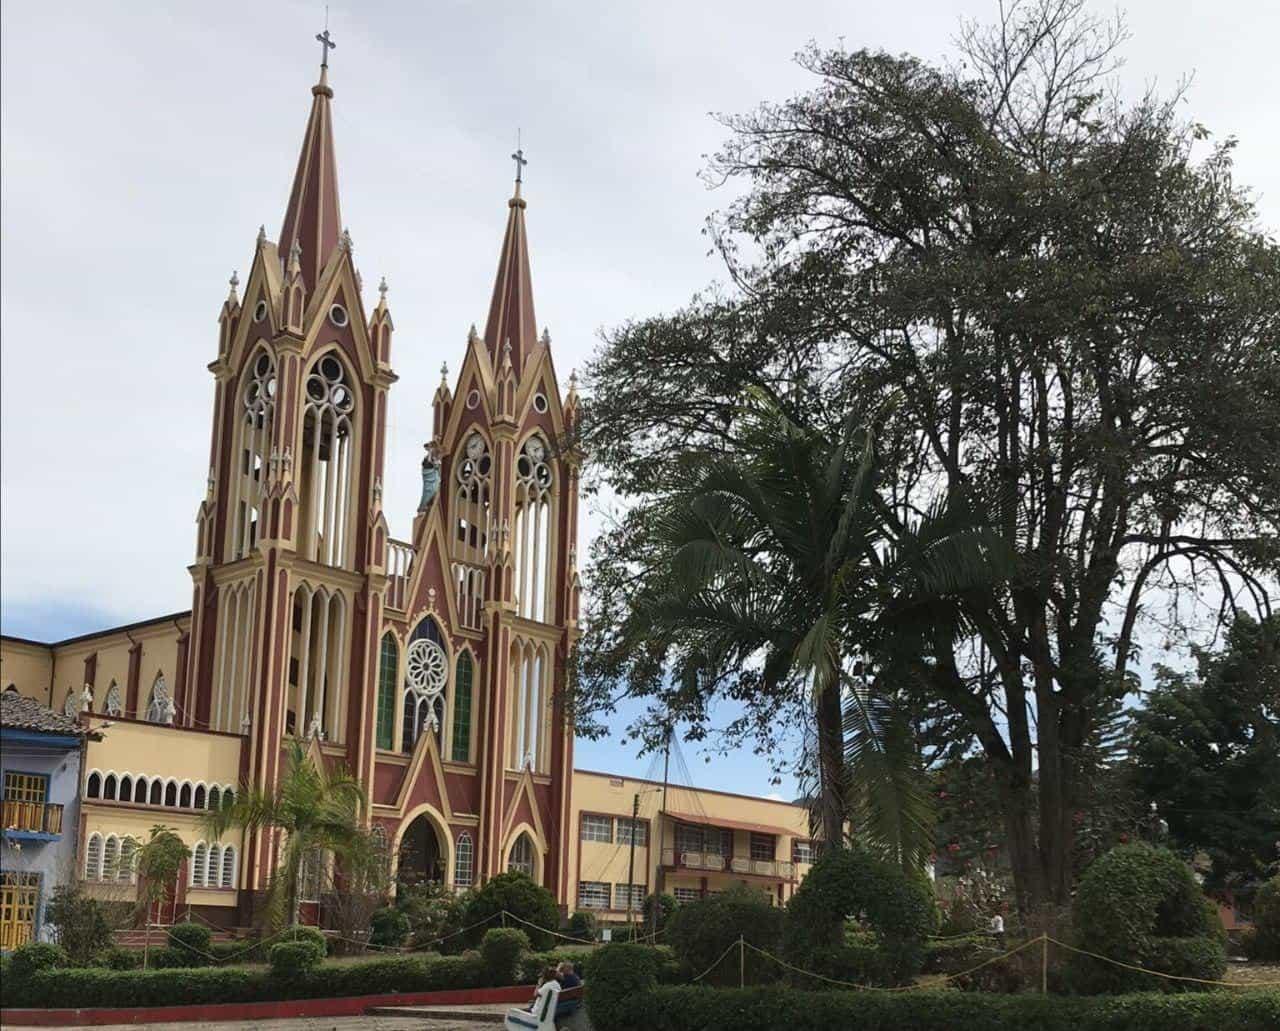 Municipio de La Capilla, ubicado en la provincia de Oriente de Boyacá. Foto: archivo particular